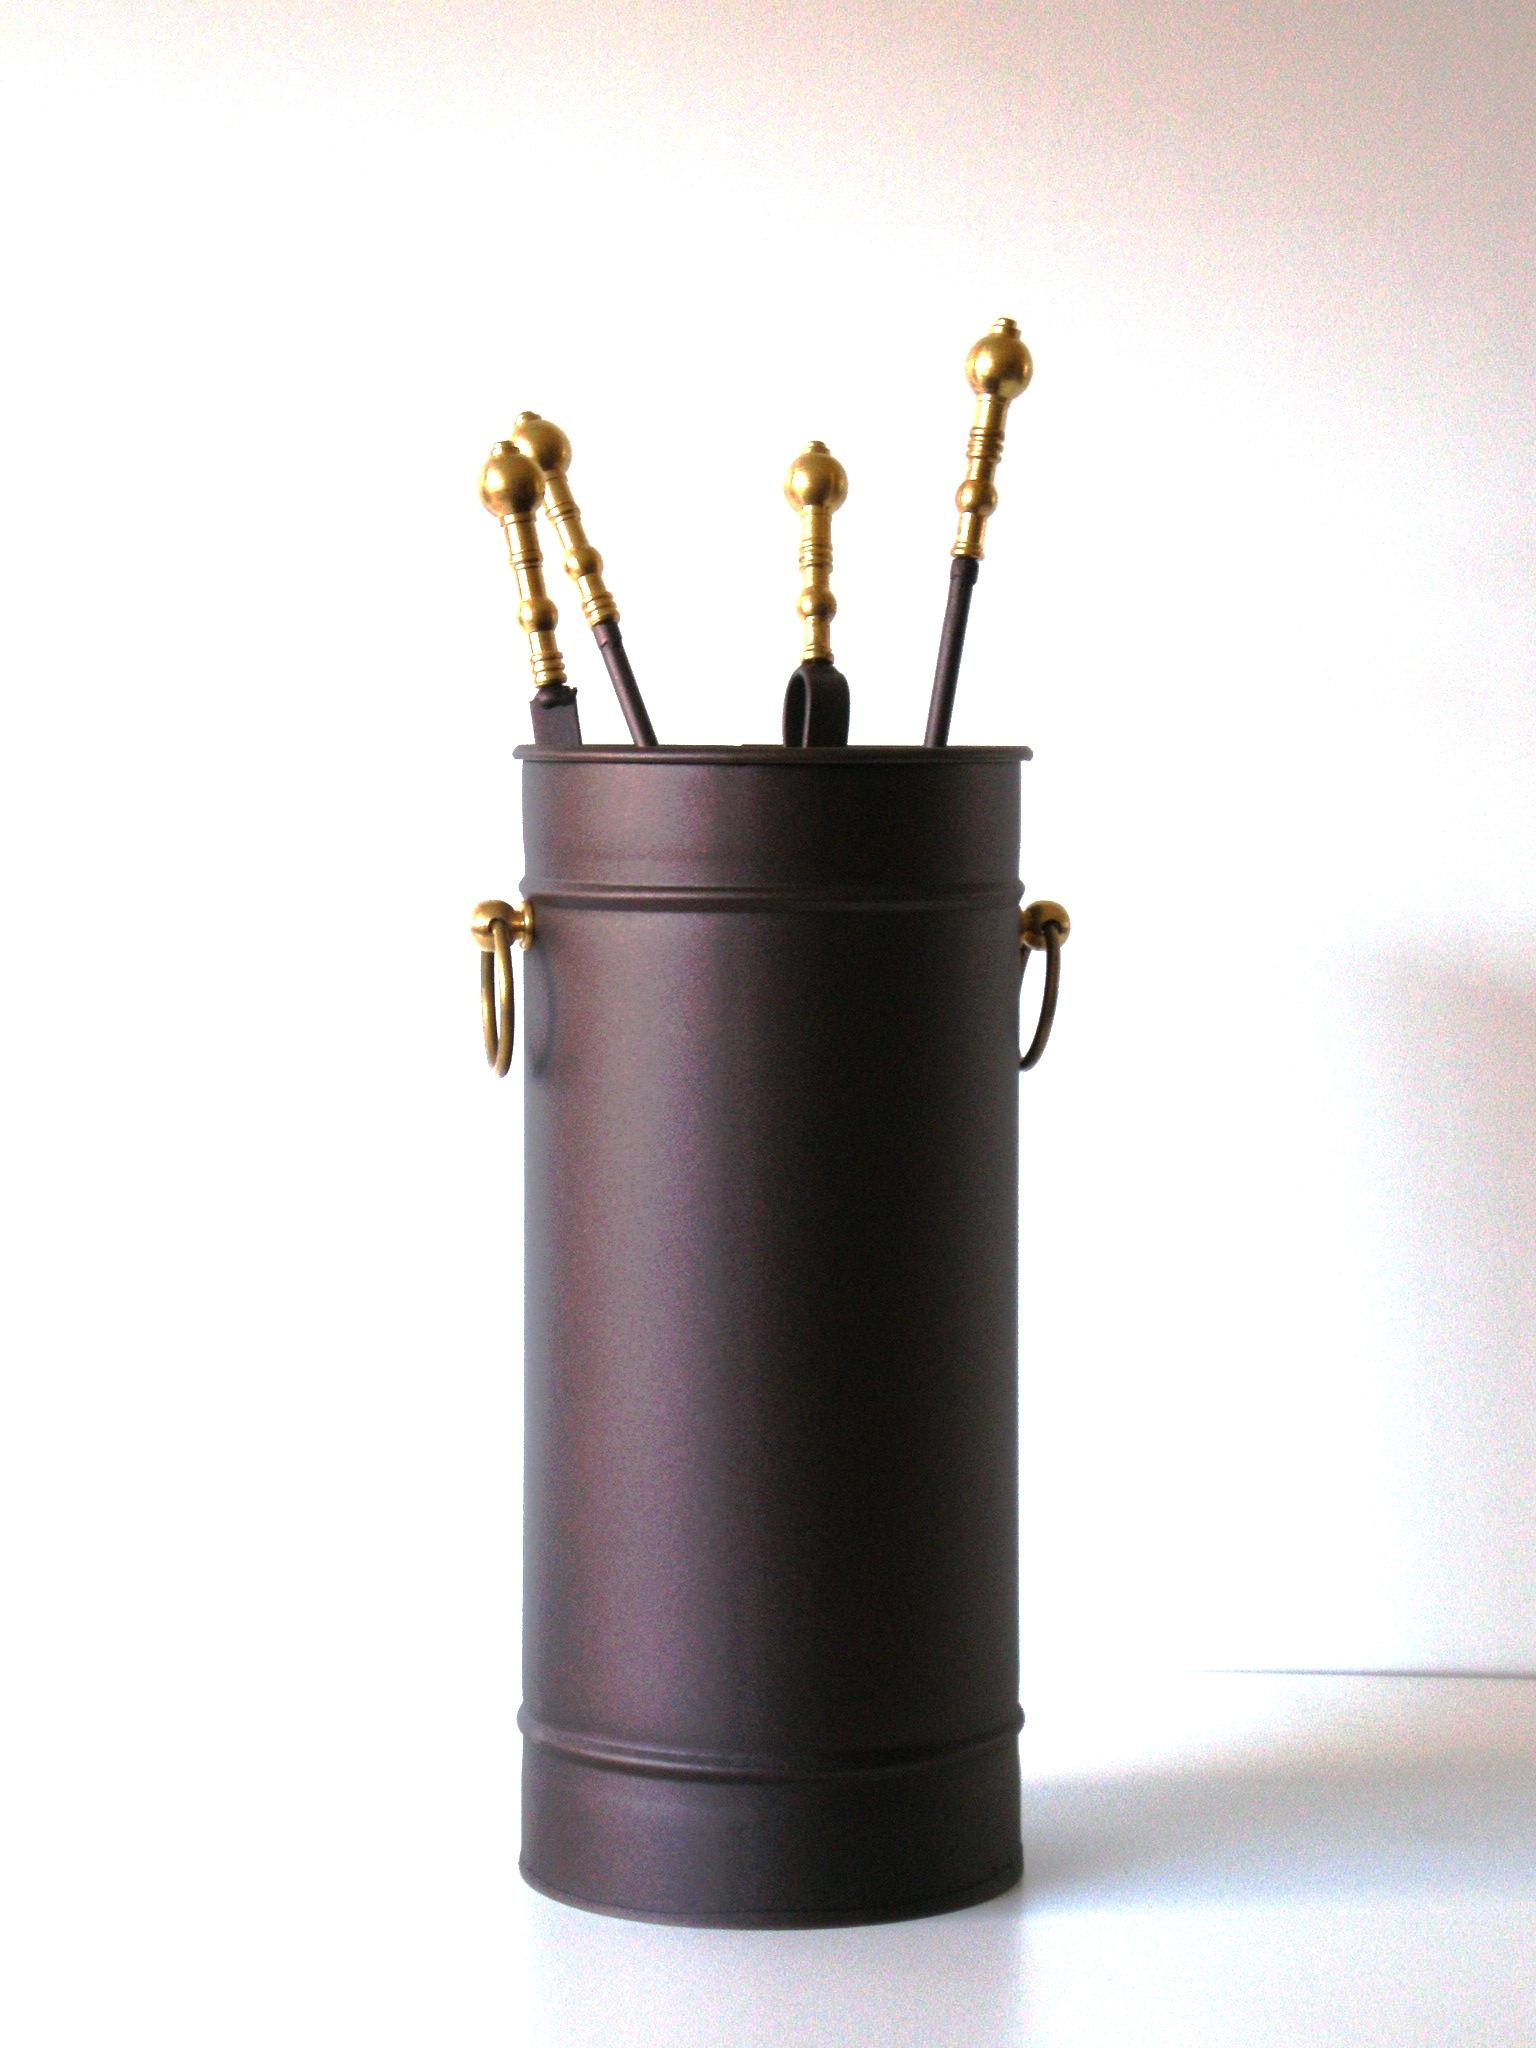 Κρεμανταλάς Κουβαδάκι «Σκουριά Μπίλια Oro» – Β – 3-115 ΣΚΟΥΡΙΑ ΜΠΙΛΙΑ ORO